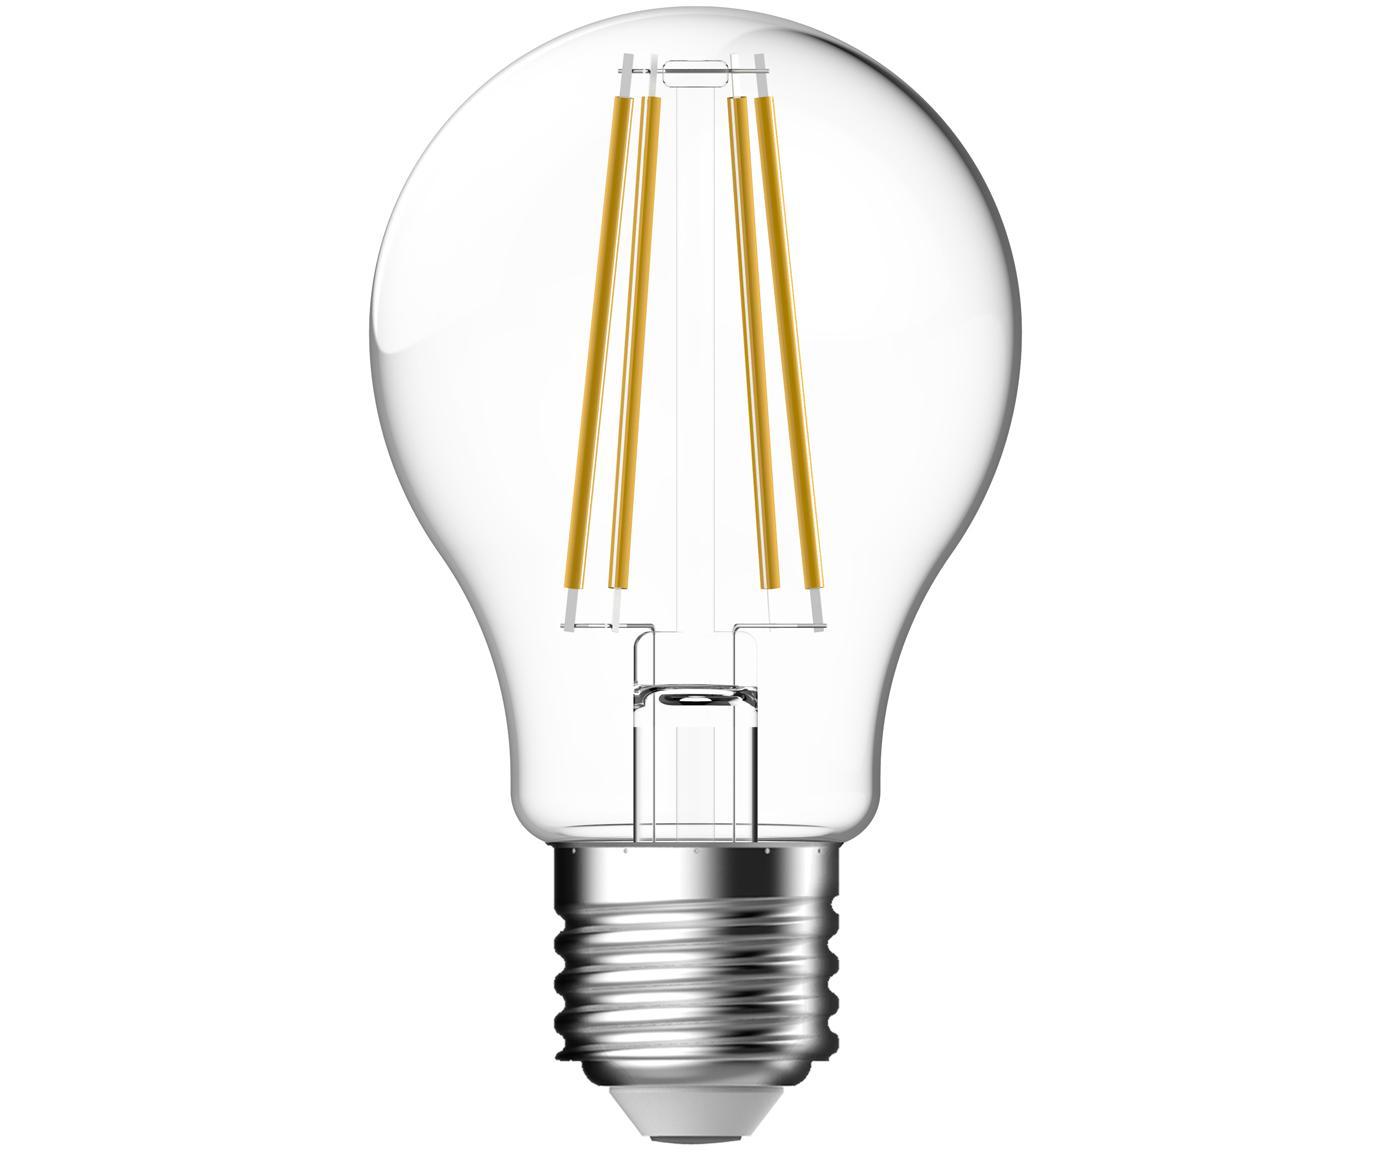 Żarówka LED Clear (E27/7W), Transparentny, Ø 6 x W 11 cm